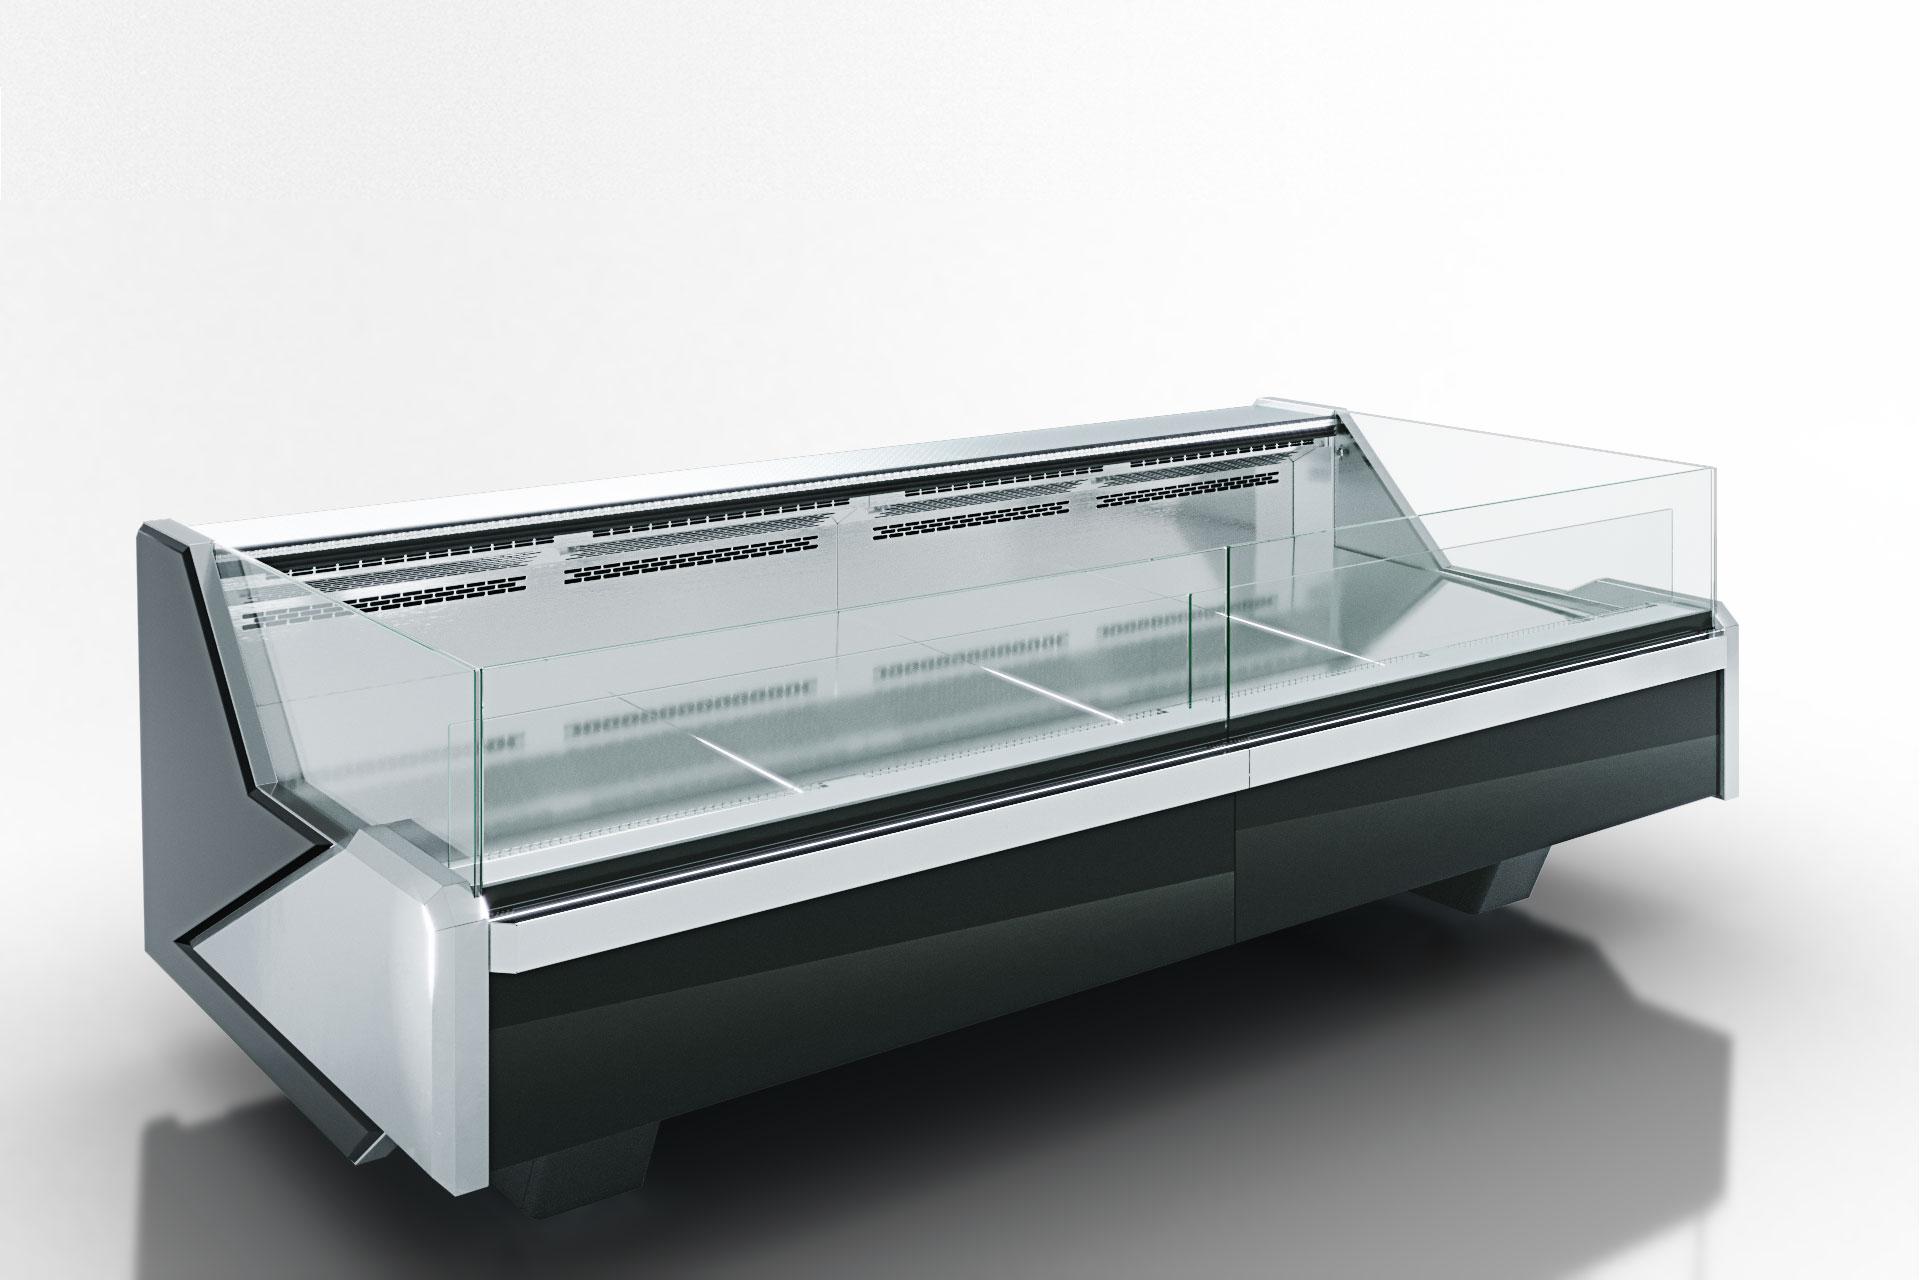 Refrigerated counters Missouri enigma MC 125 deli self 084-DBM